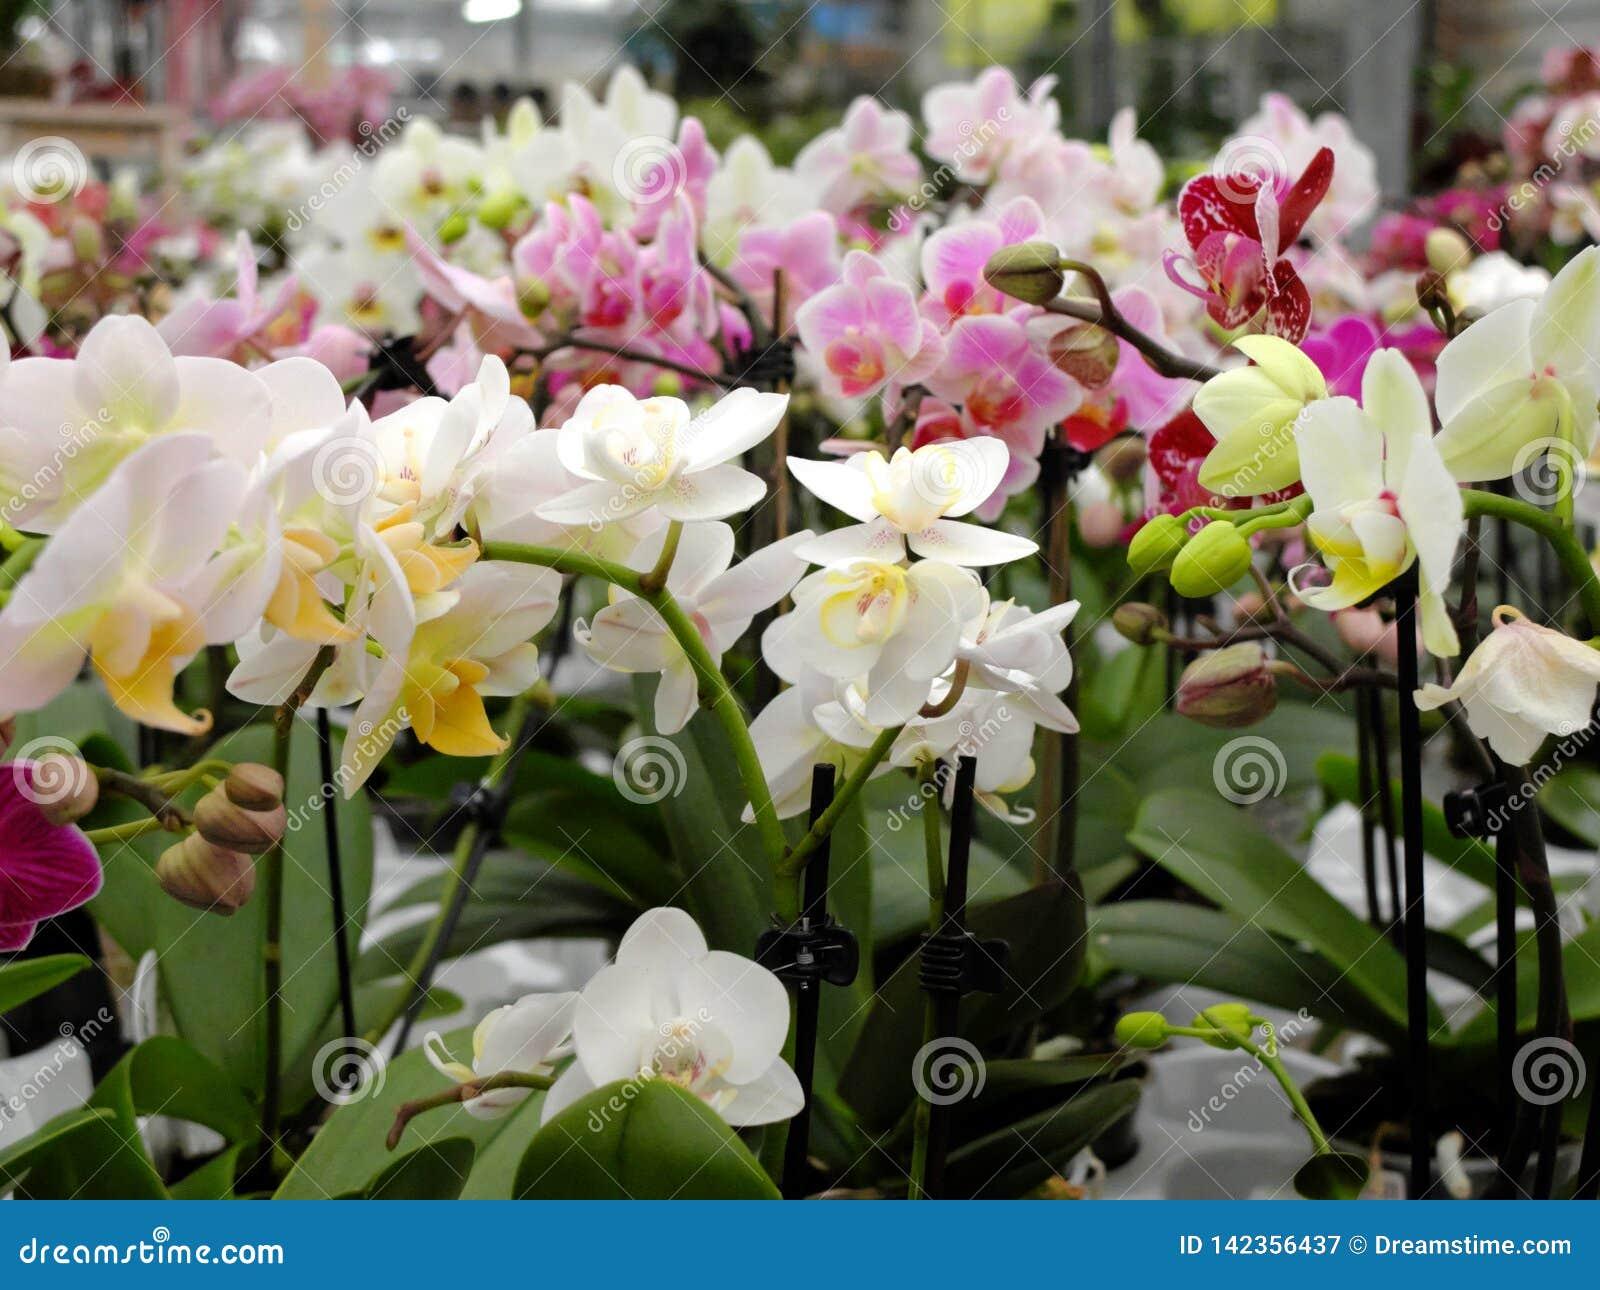 Много цветков орхидеи других цветов в цветочном магазине для продажи